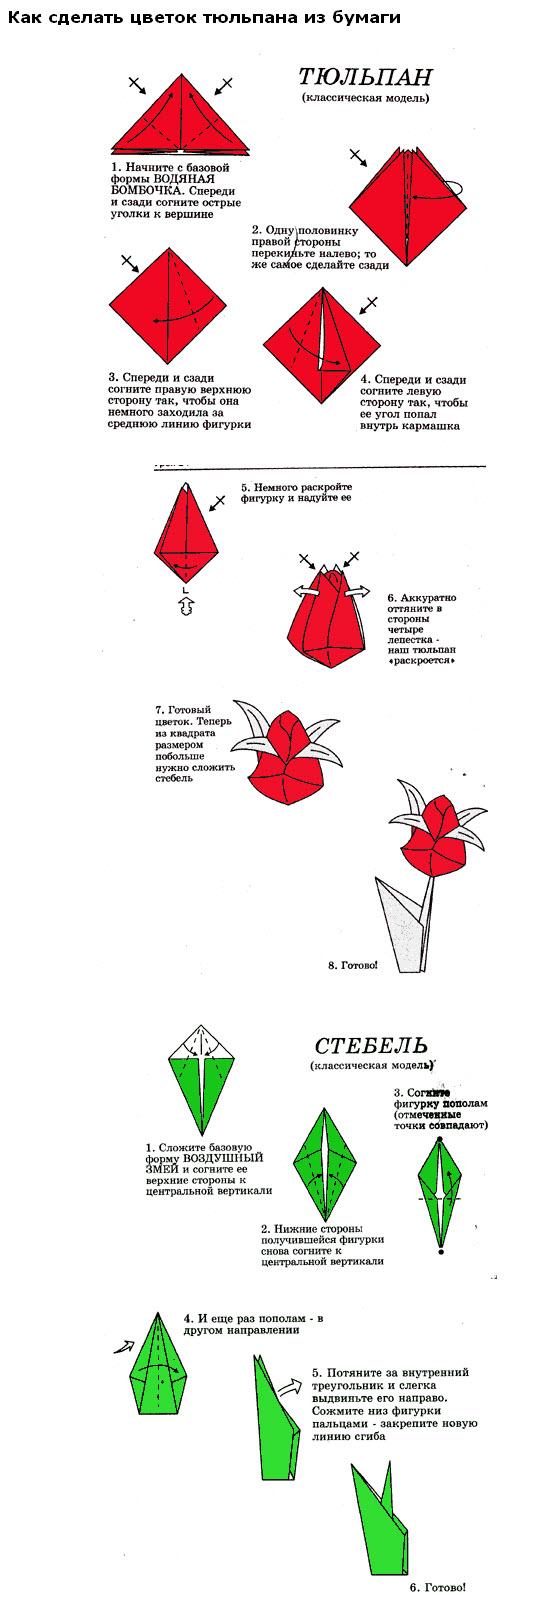 Как сделать сердечко из бумаги: 6 лучших схем оригами, идеи и пошаговые инструкции (фото + видео)